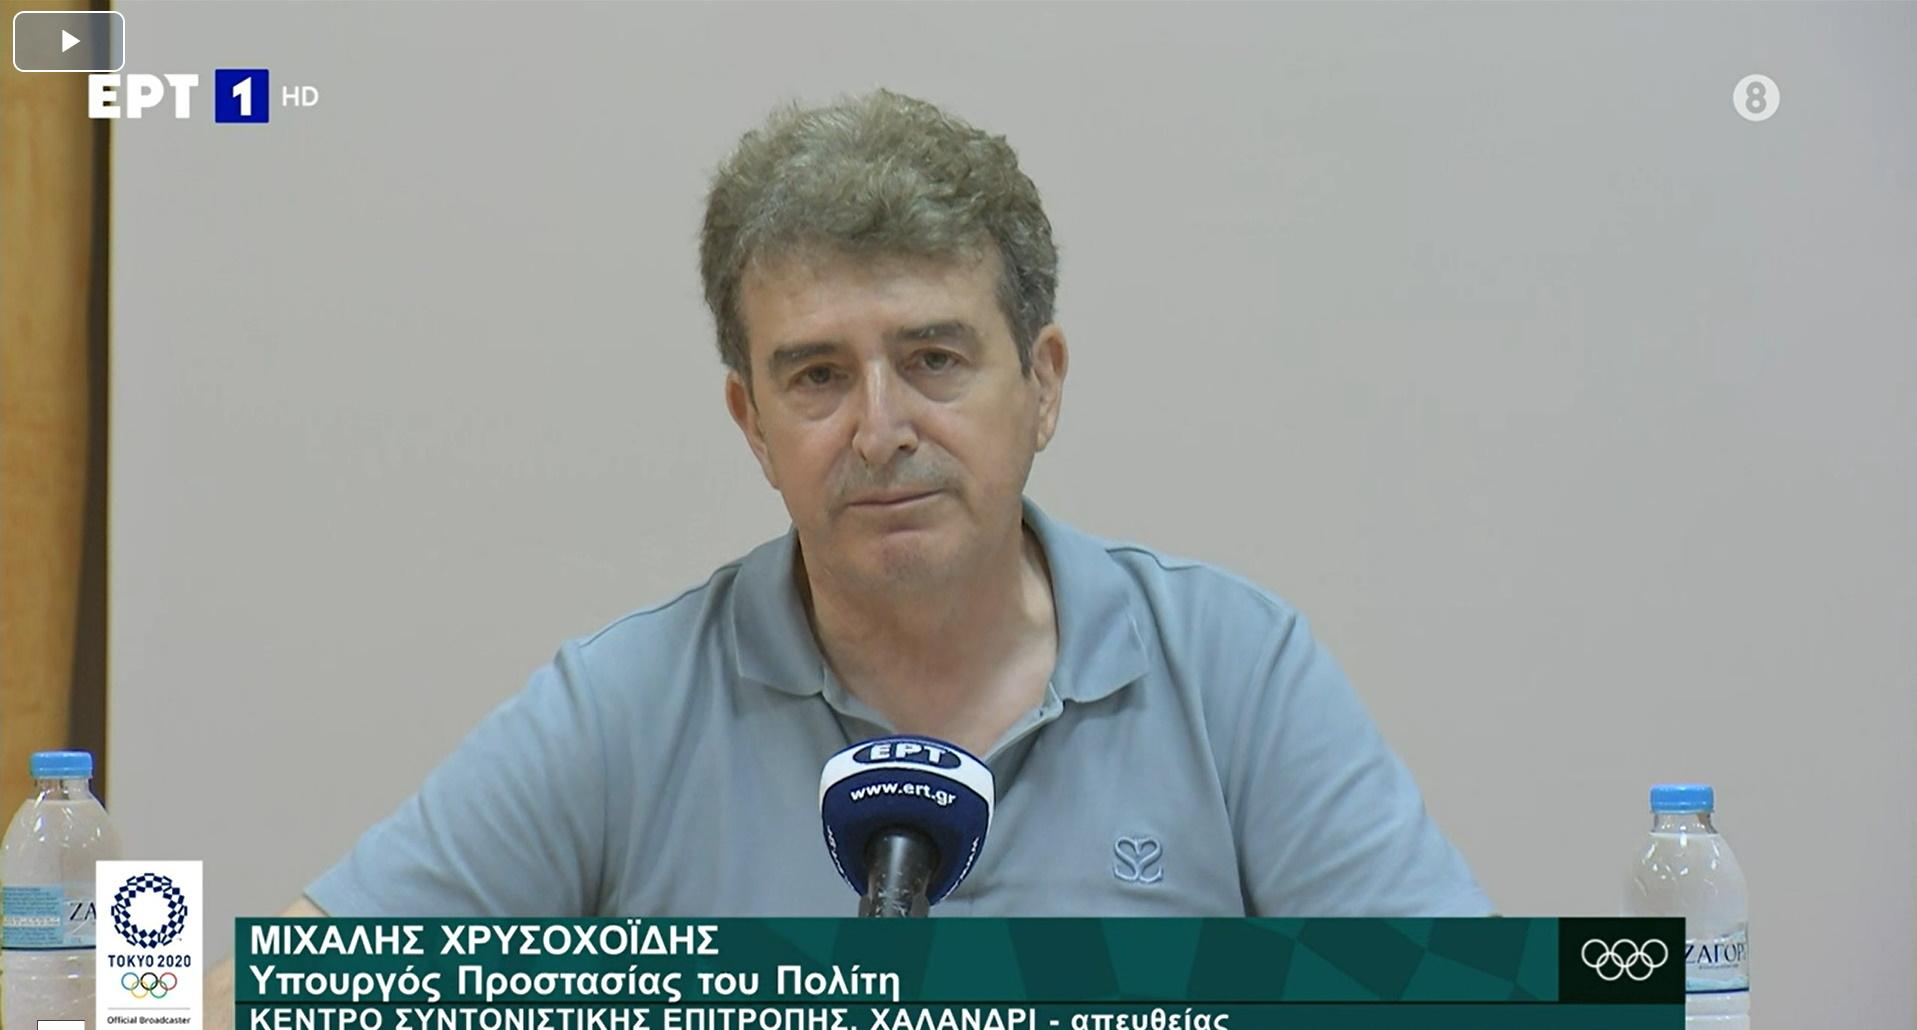 Χρυσοχοΐδης για πυρκαγιά στην Αχαΐα: Στη μάχη 8 αεροσκάφη, 7 ελικόπτερα 290 Πυροσβέστες – Θα συνεχιστούν οι αντίξοες συνθήκες